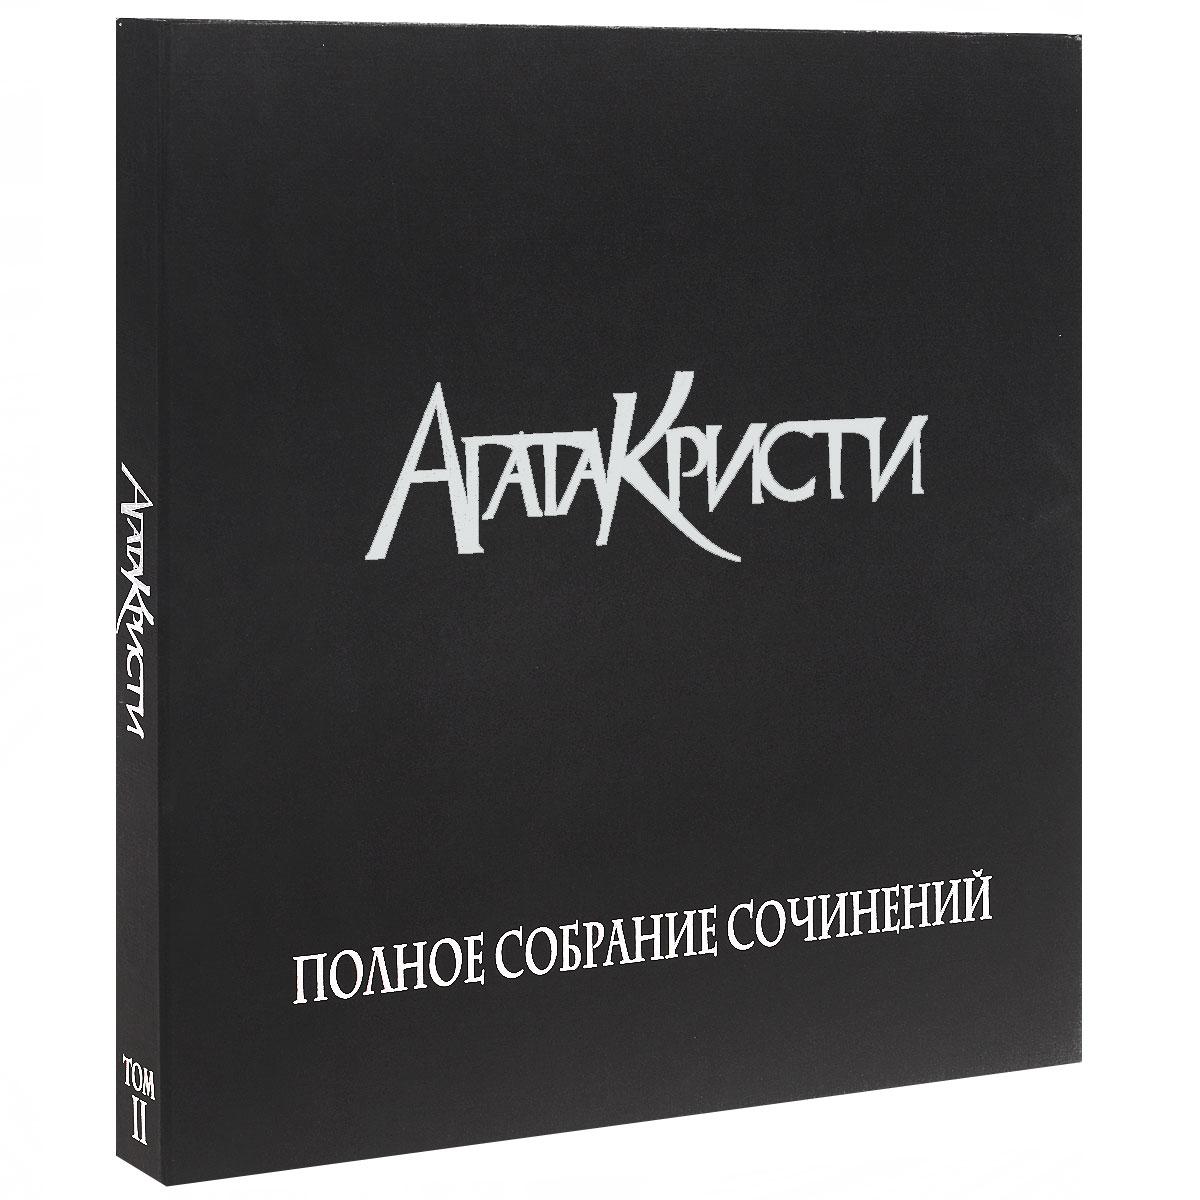 Агата Кристи. Полное собрание сочинений. Том II (5 LP)